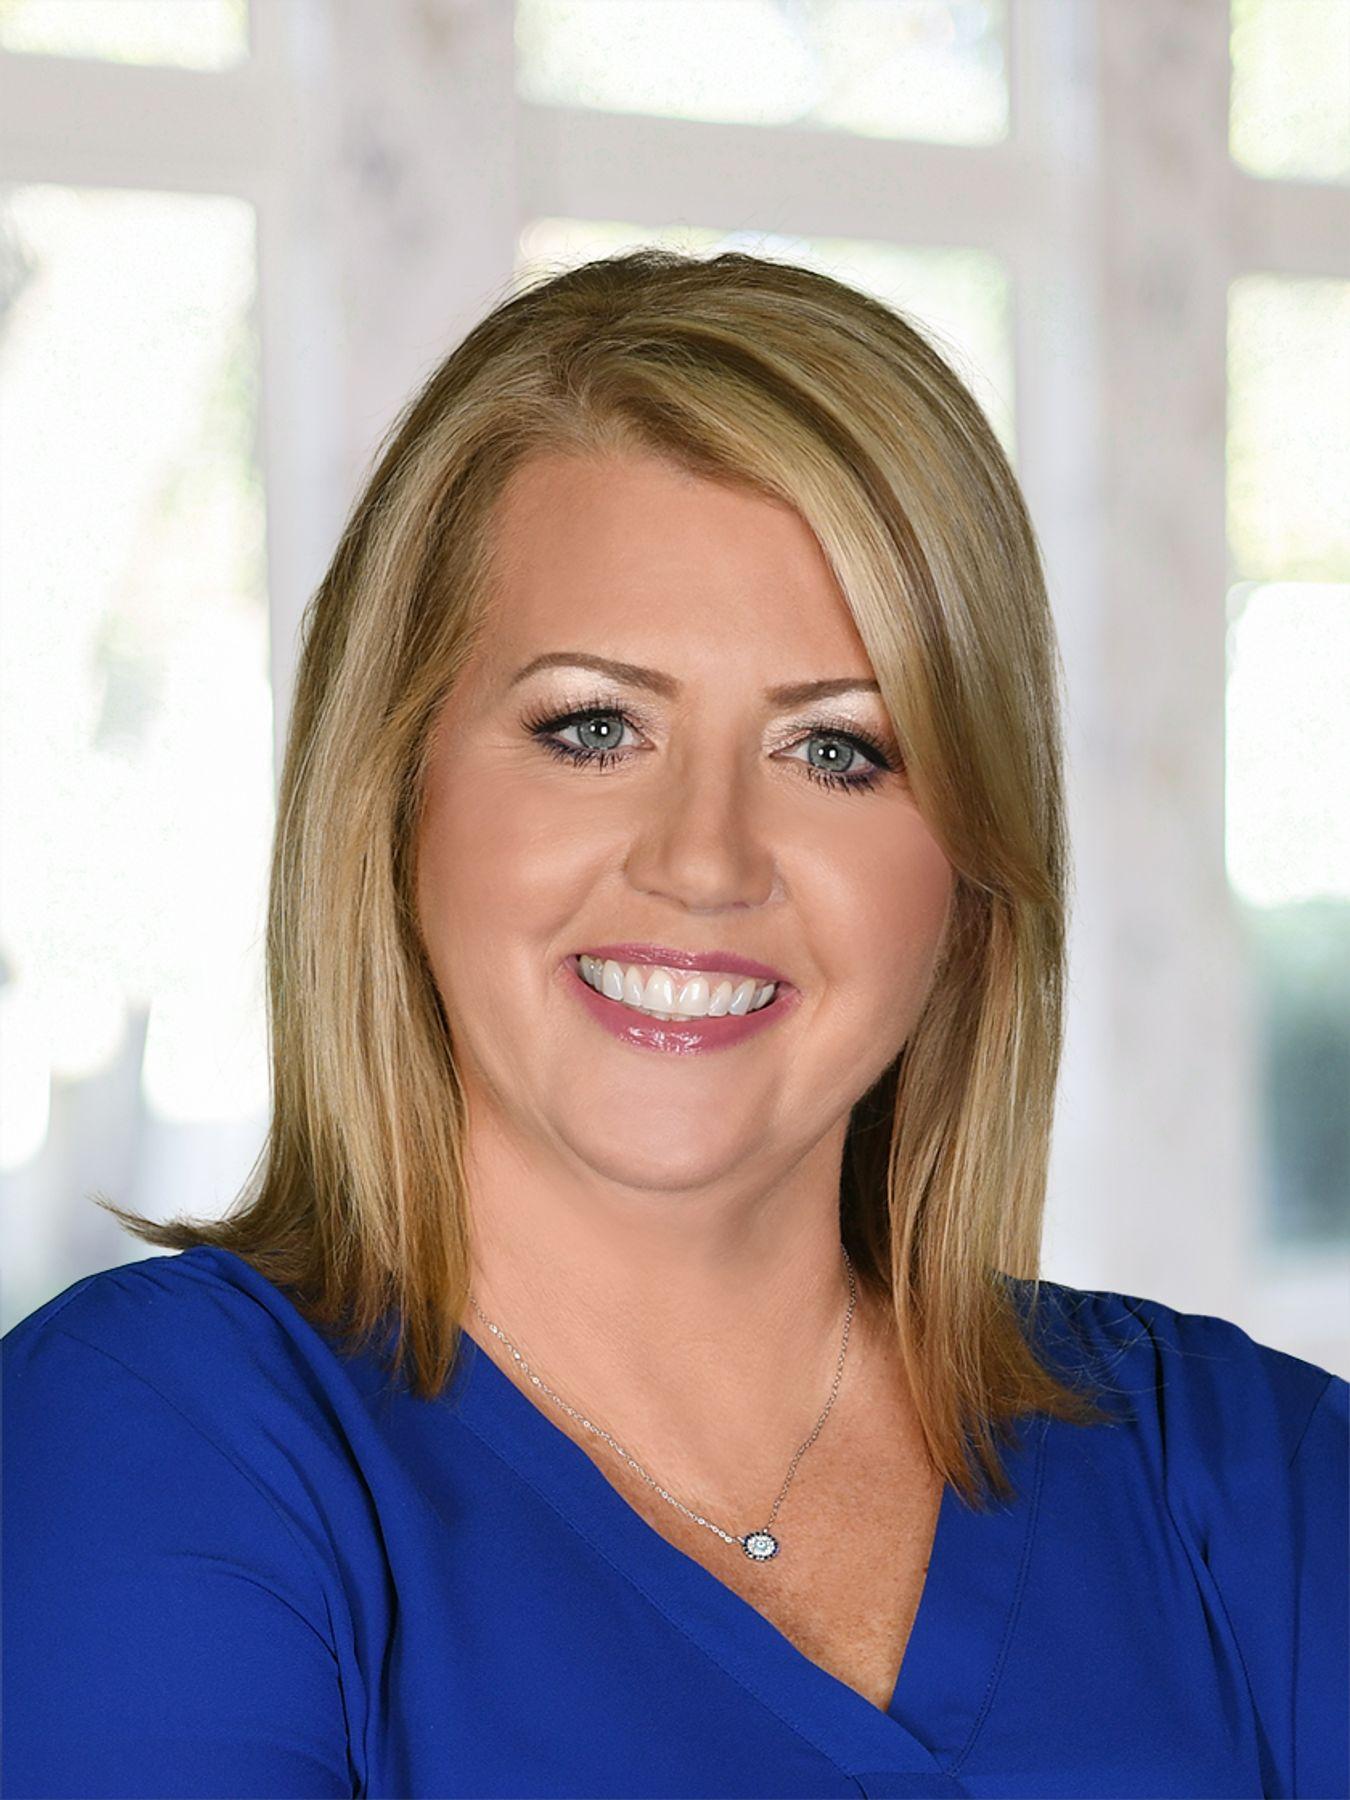 Kimberly M Phillips